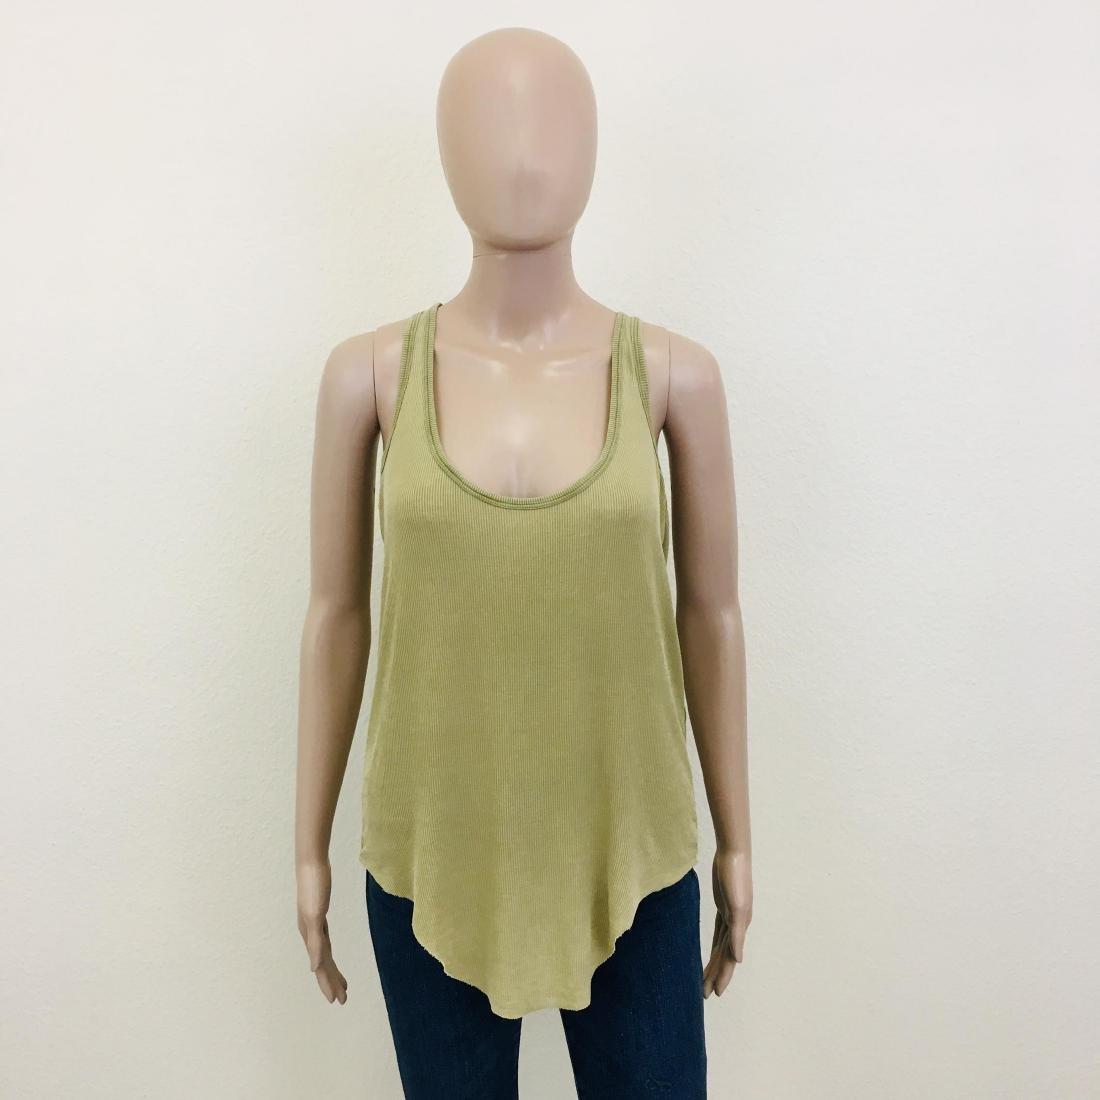 New Women's ZARA Top Blouse Size L